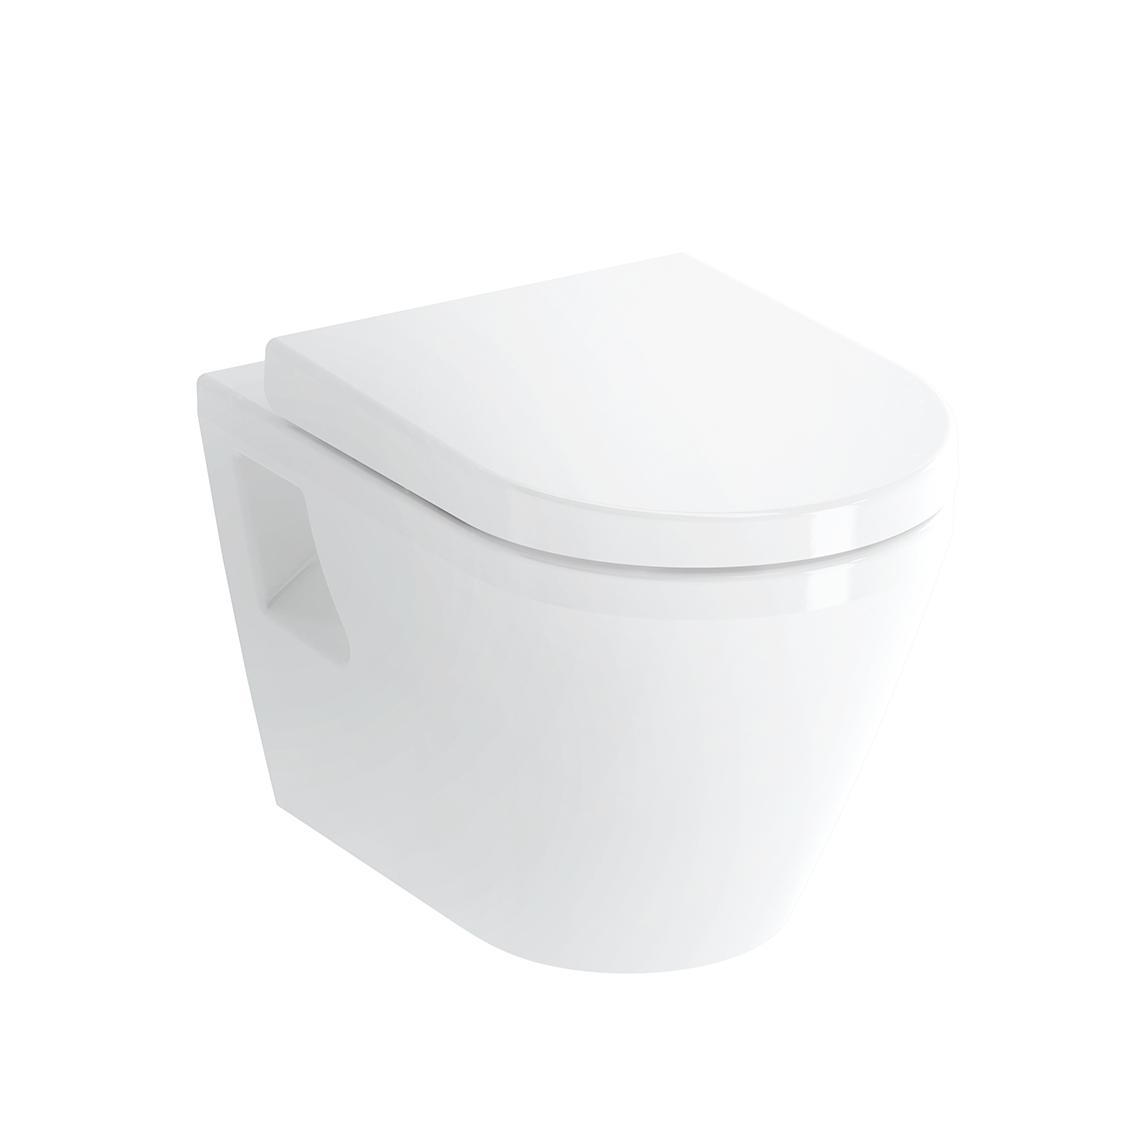 Integra WC suspendu, à fond plat, avec bride, avec fonction bidet, 54 cm